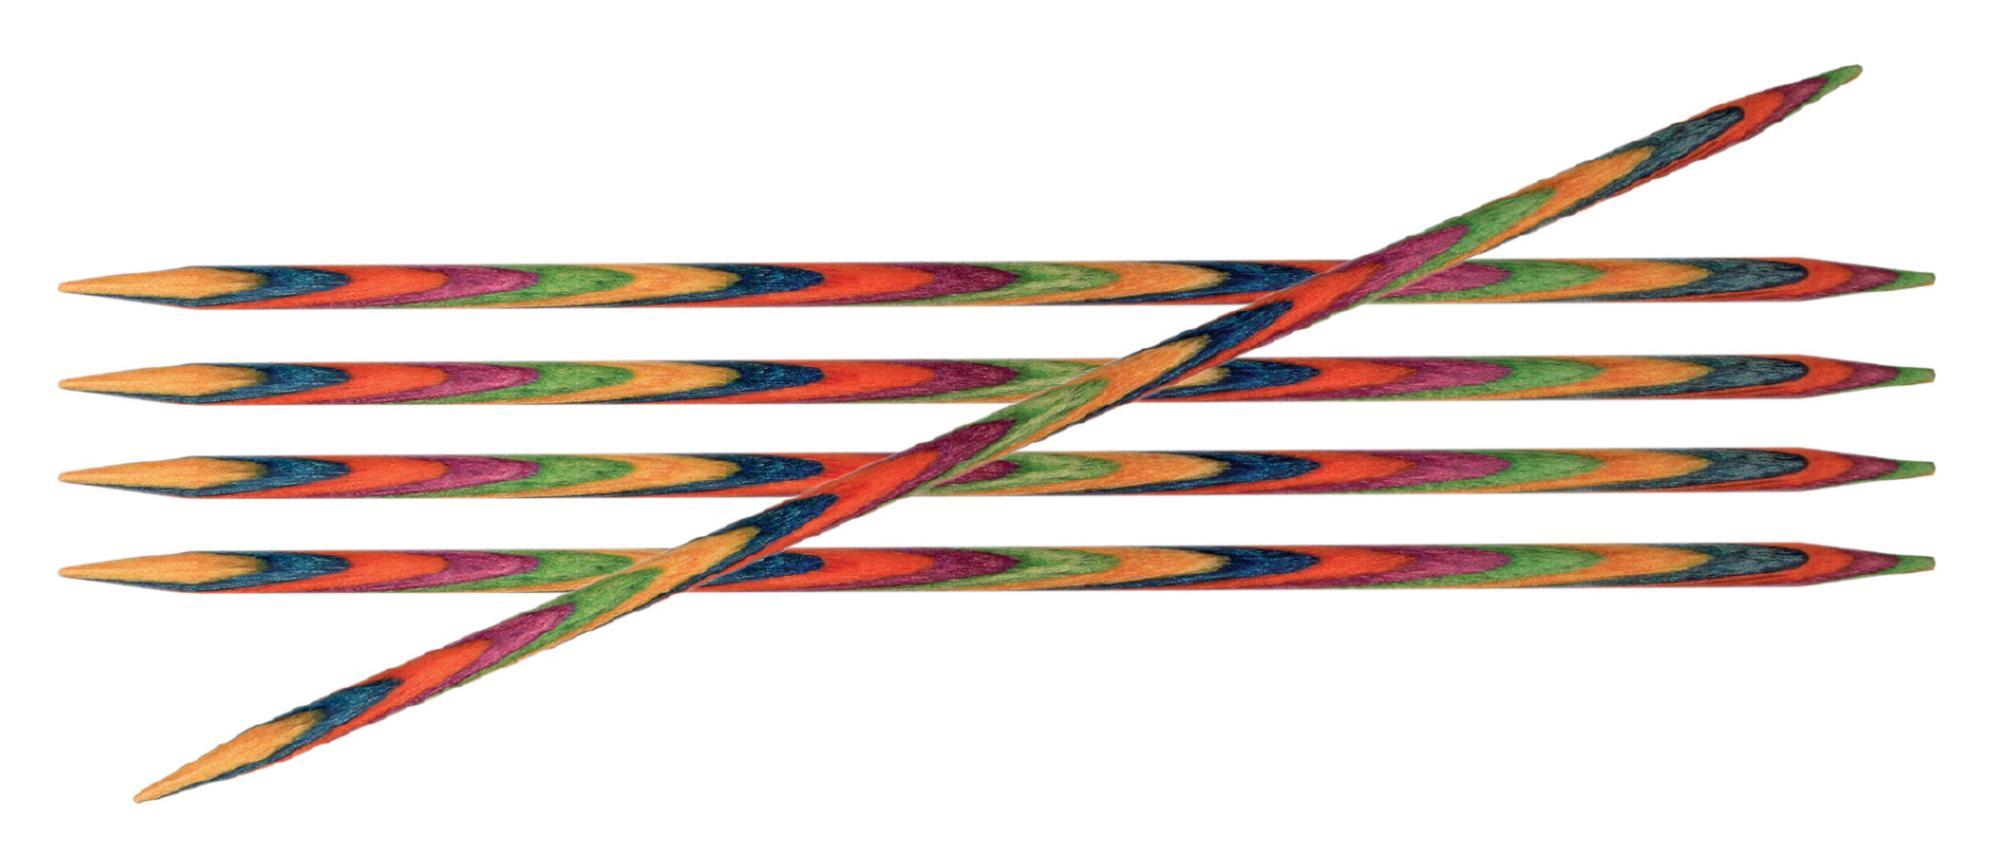 Спицы носочные 15 см Symfonie Wood KnitPro, 20135, 3.75 мм